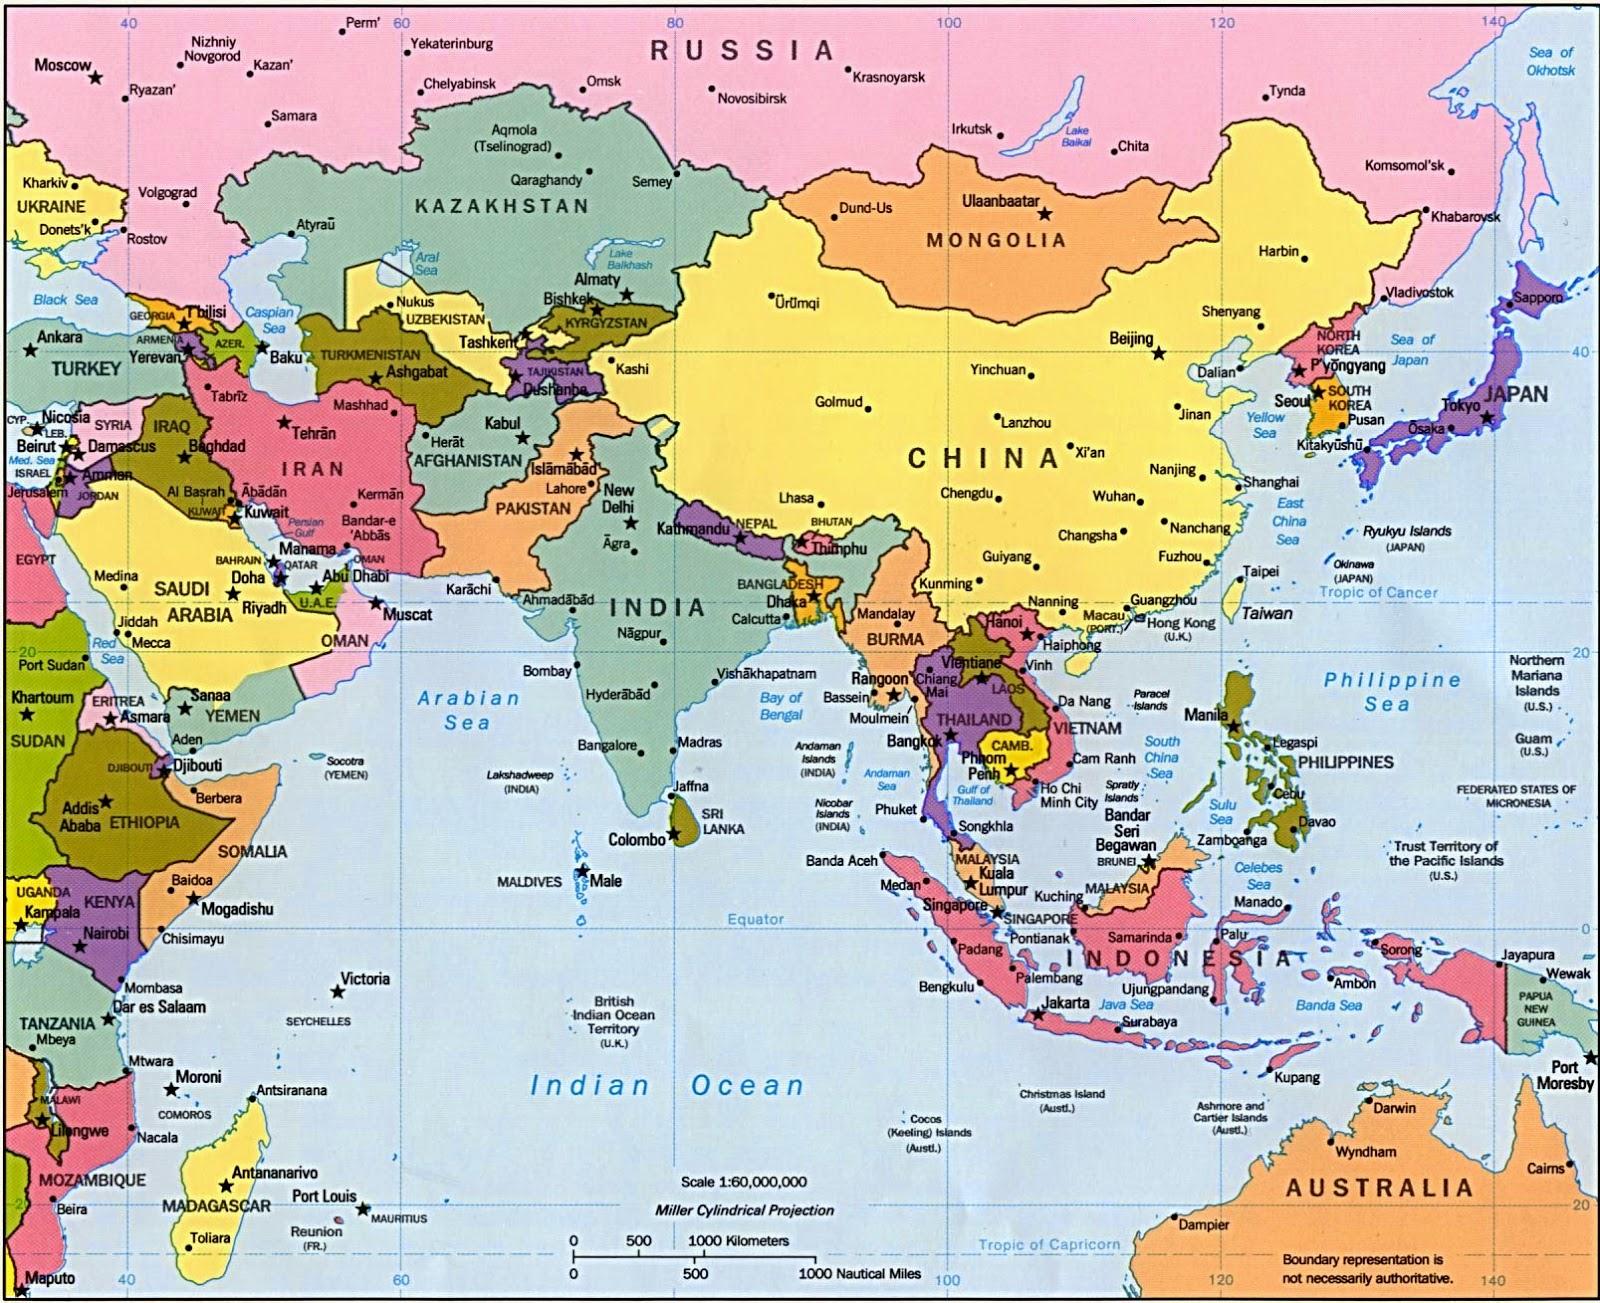 dubai pays - Image